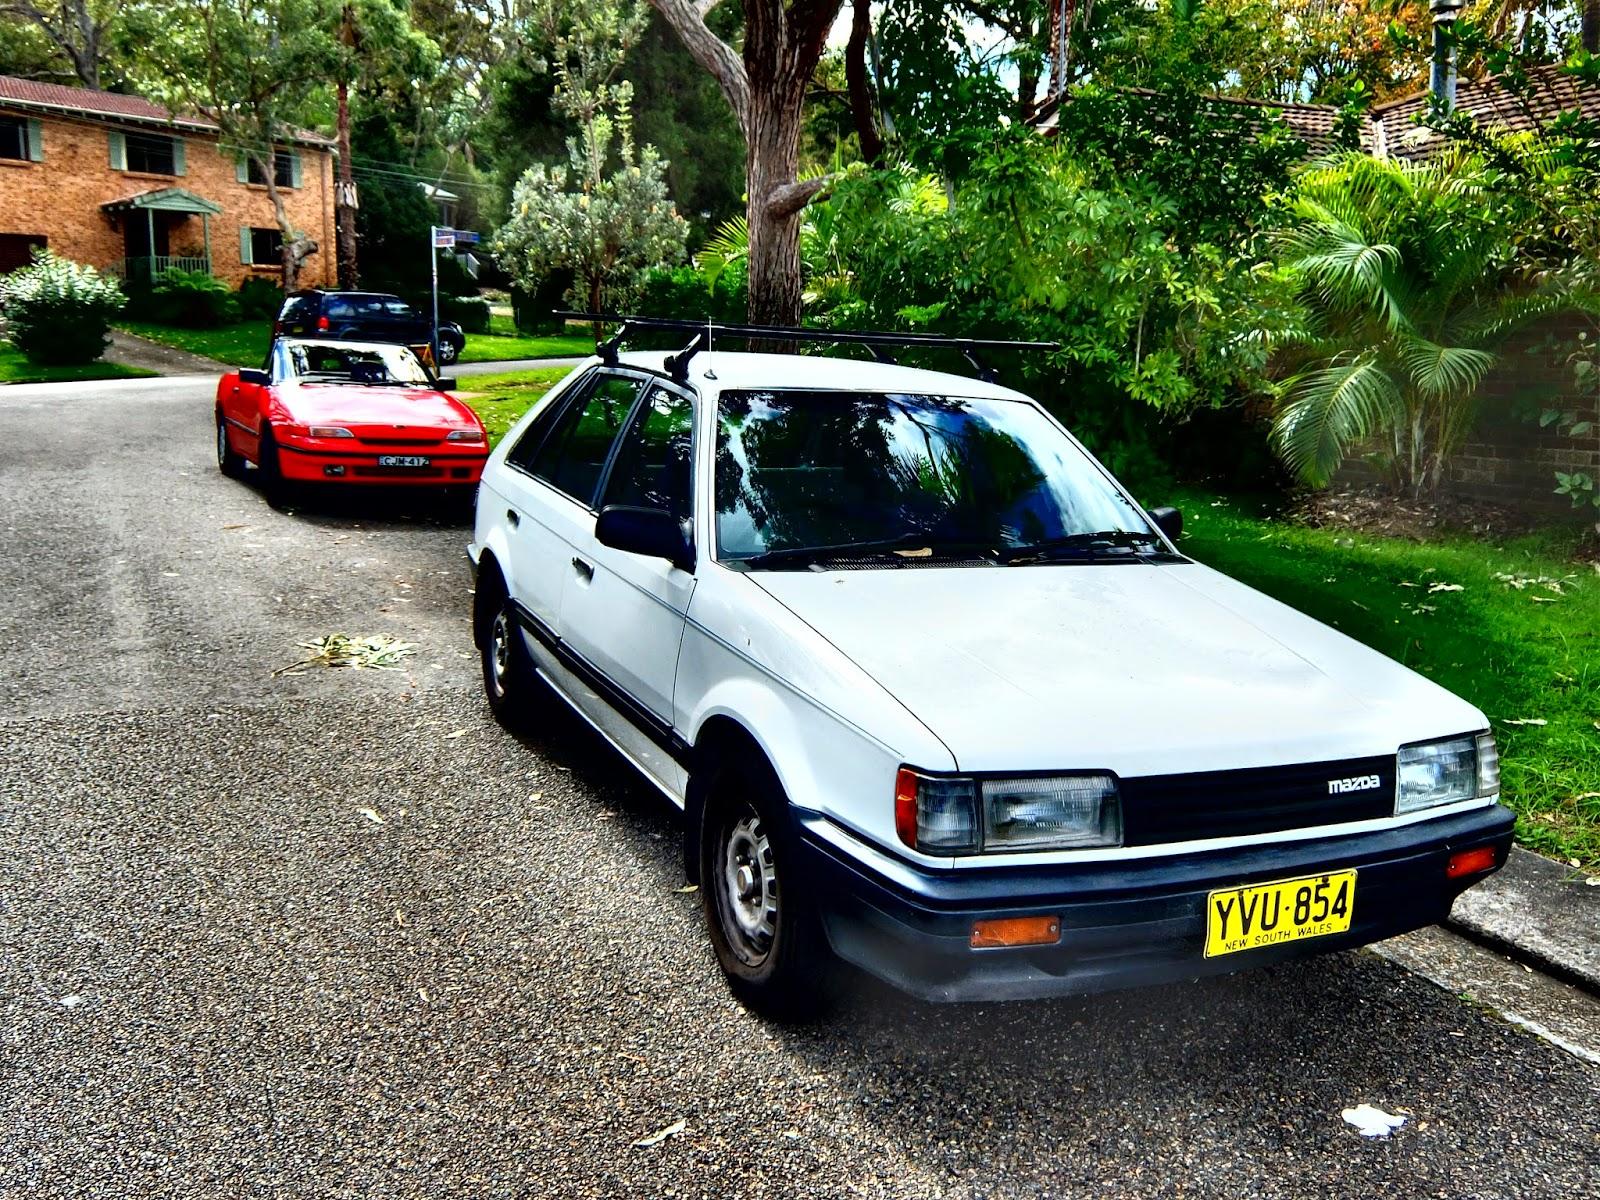 Aussie Old Parked Cars: 1985 Mazda BF 323 1.6 5-door Hatchback